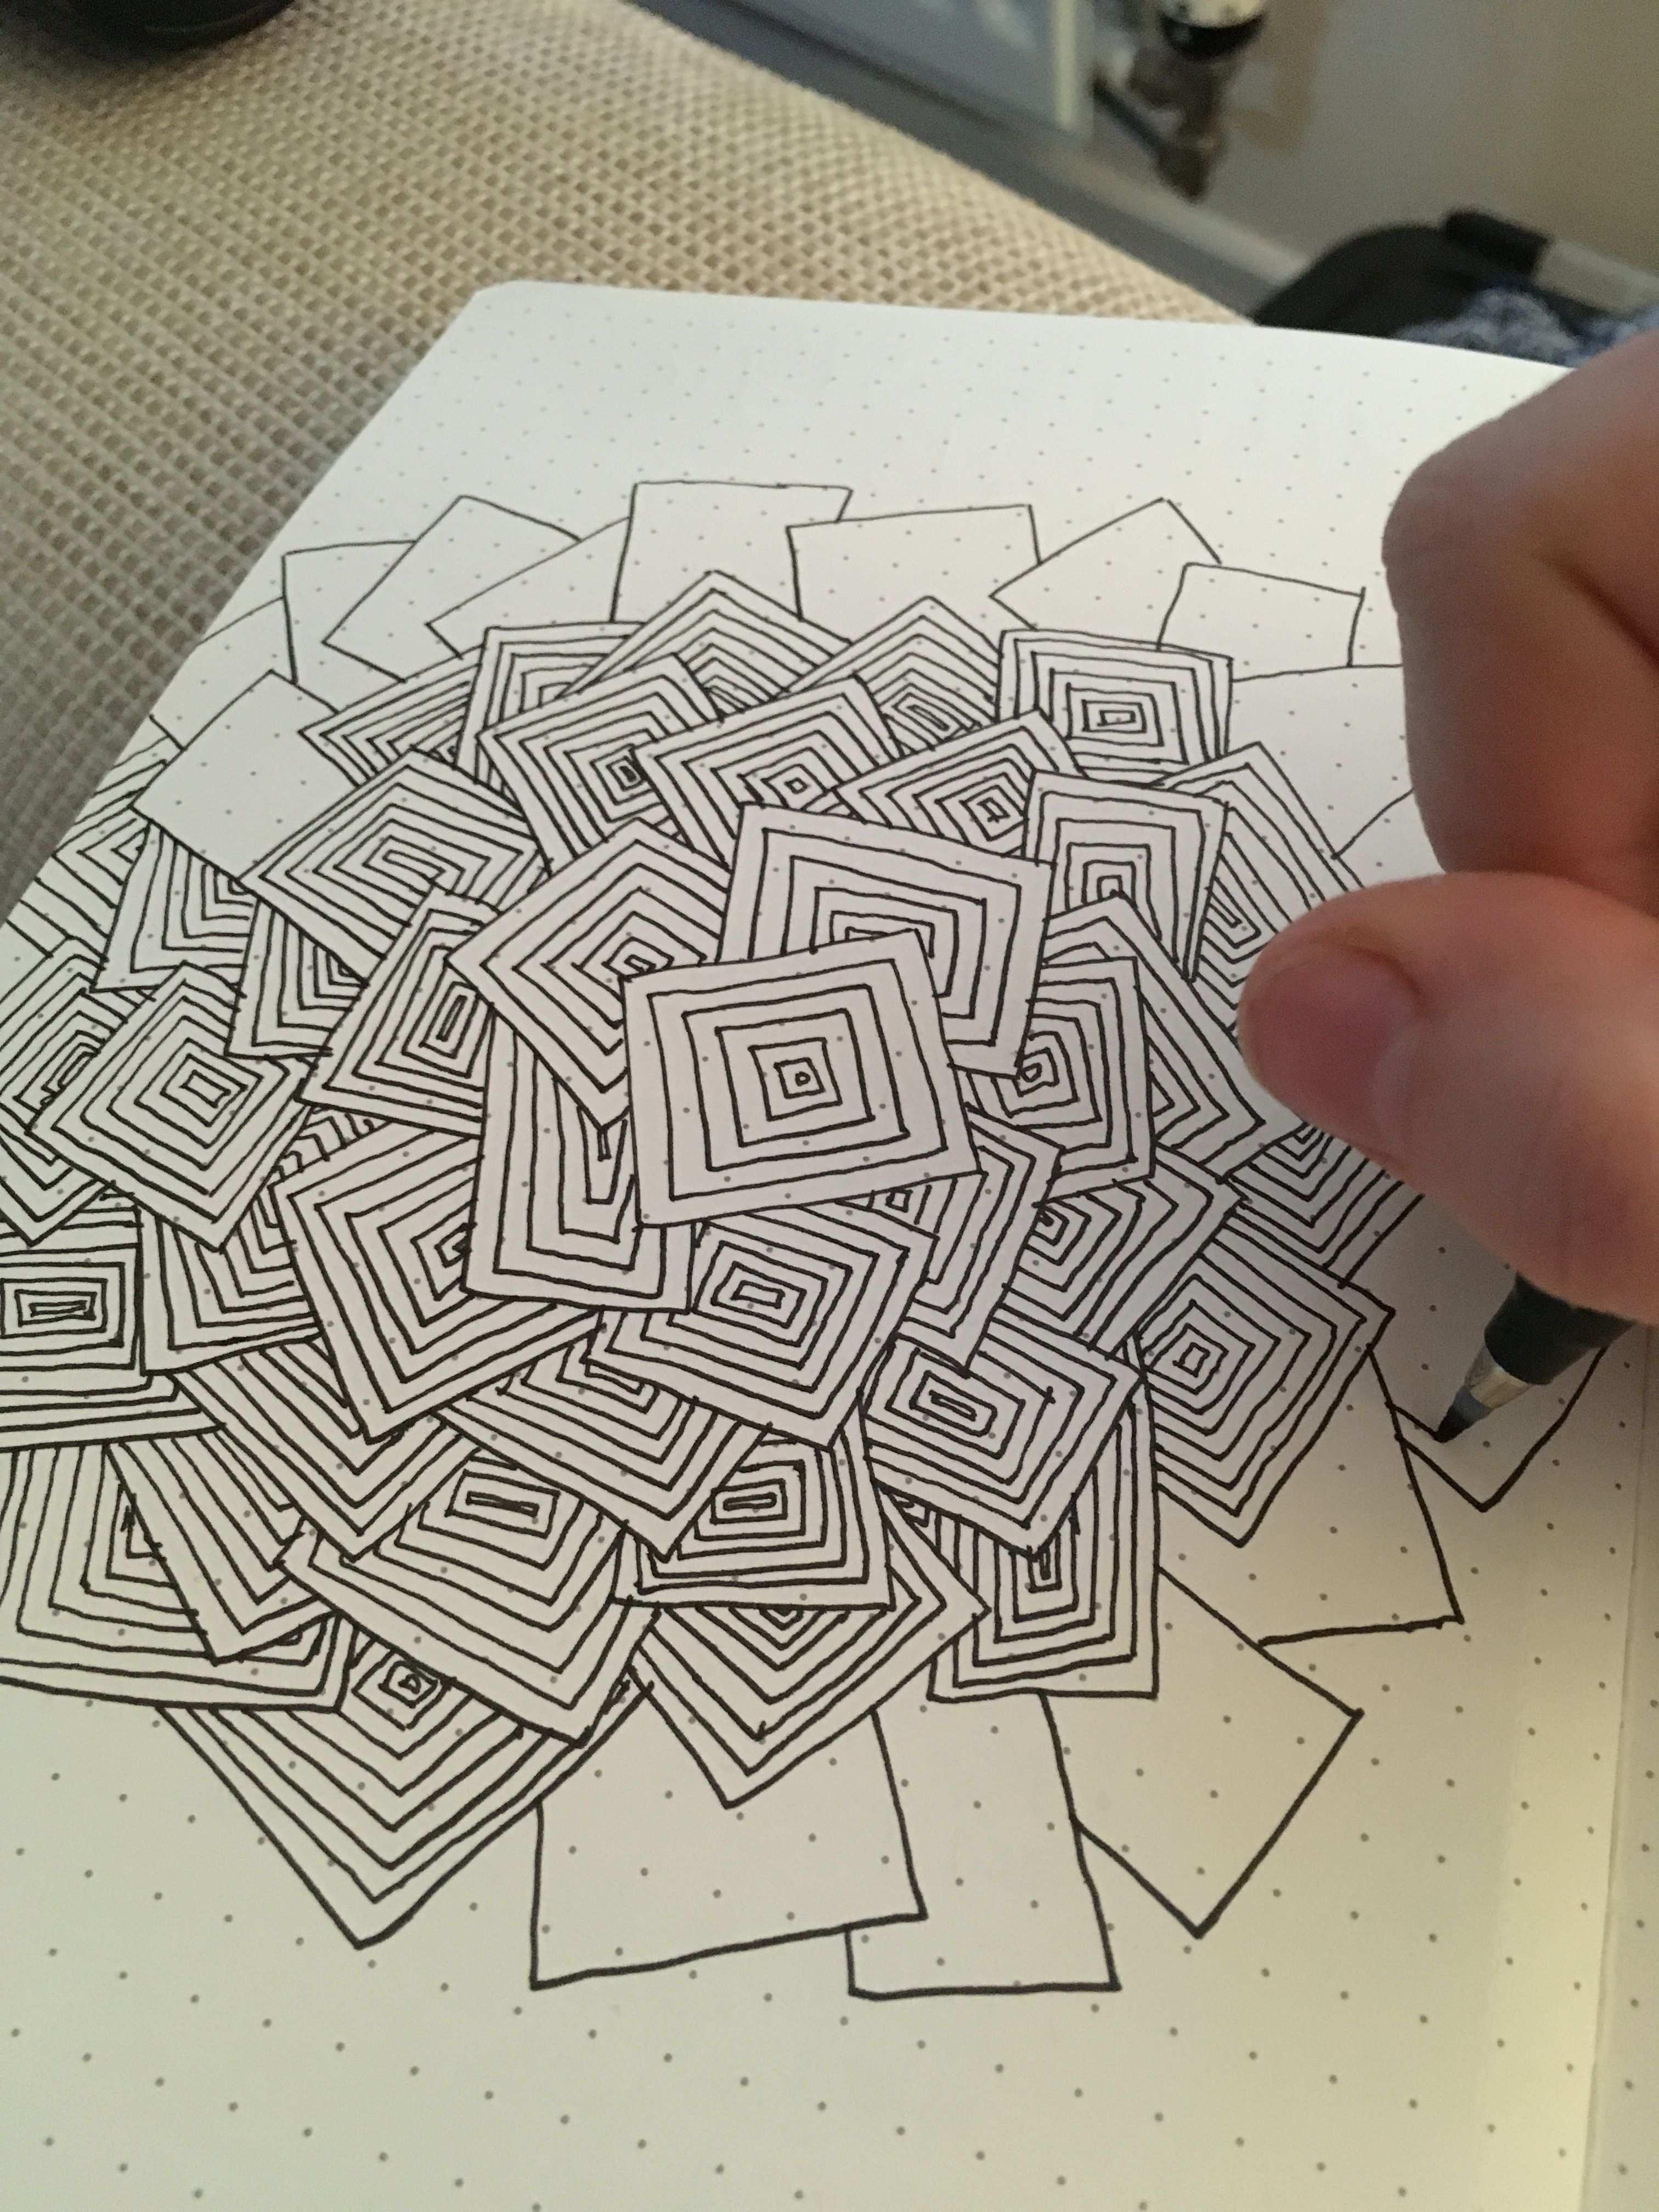 Bullet Journal Doodles Designs Zeichnen Muster Malen Zeichnen